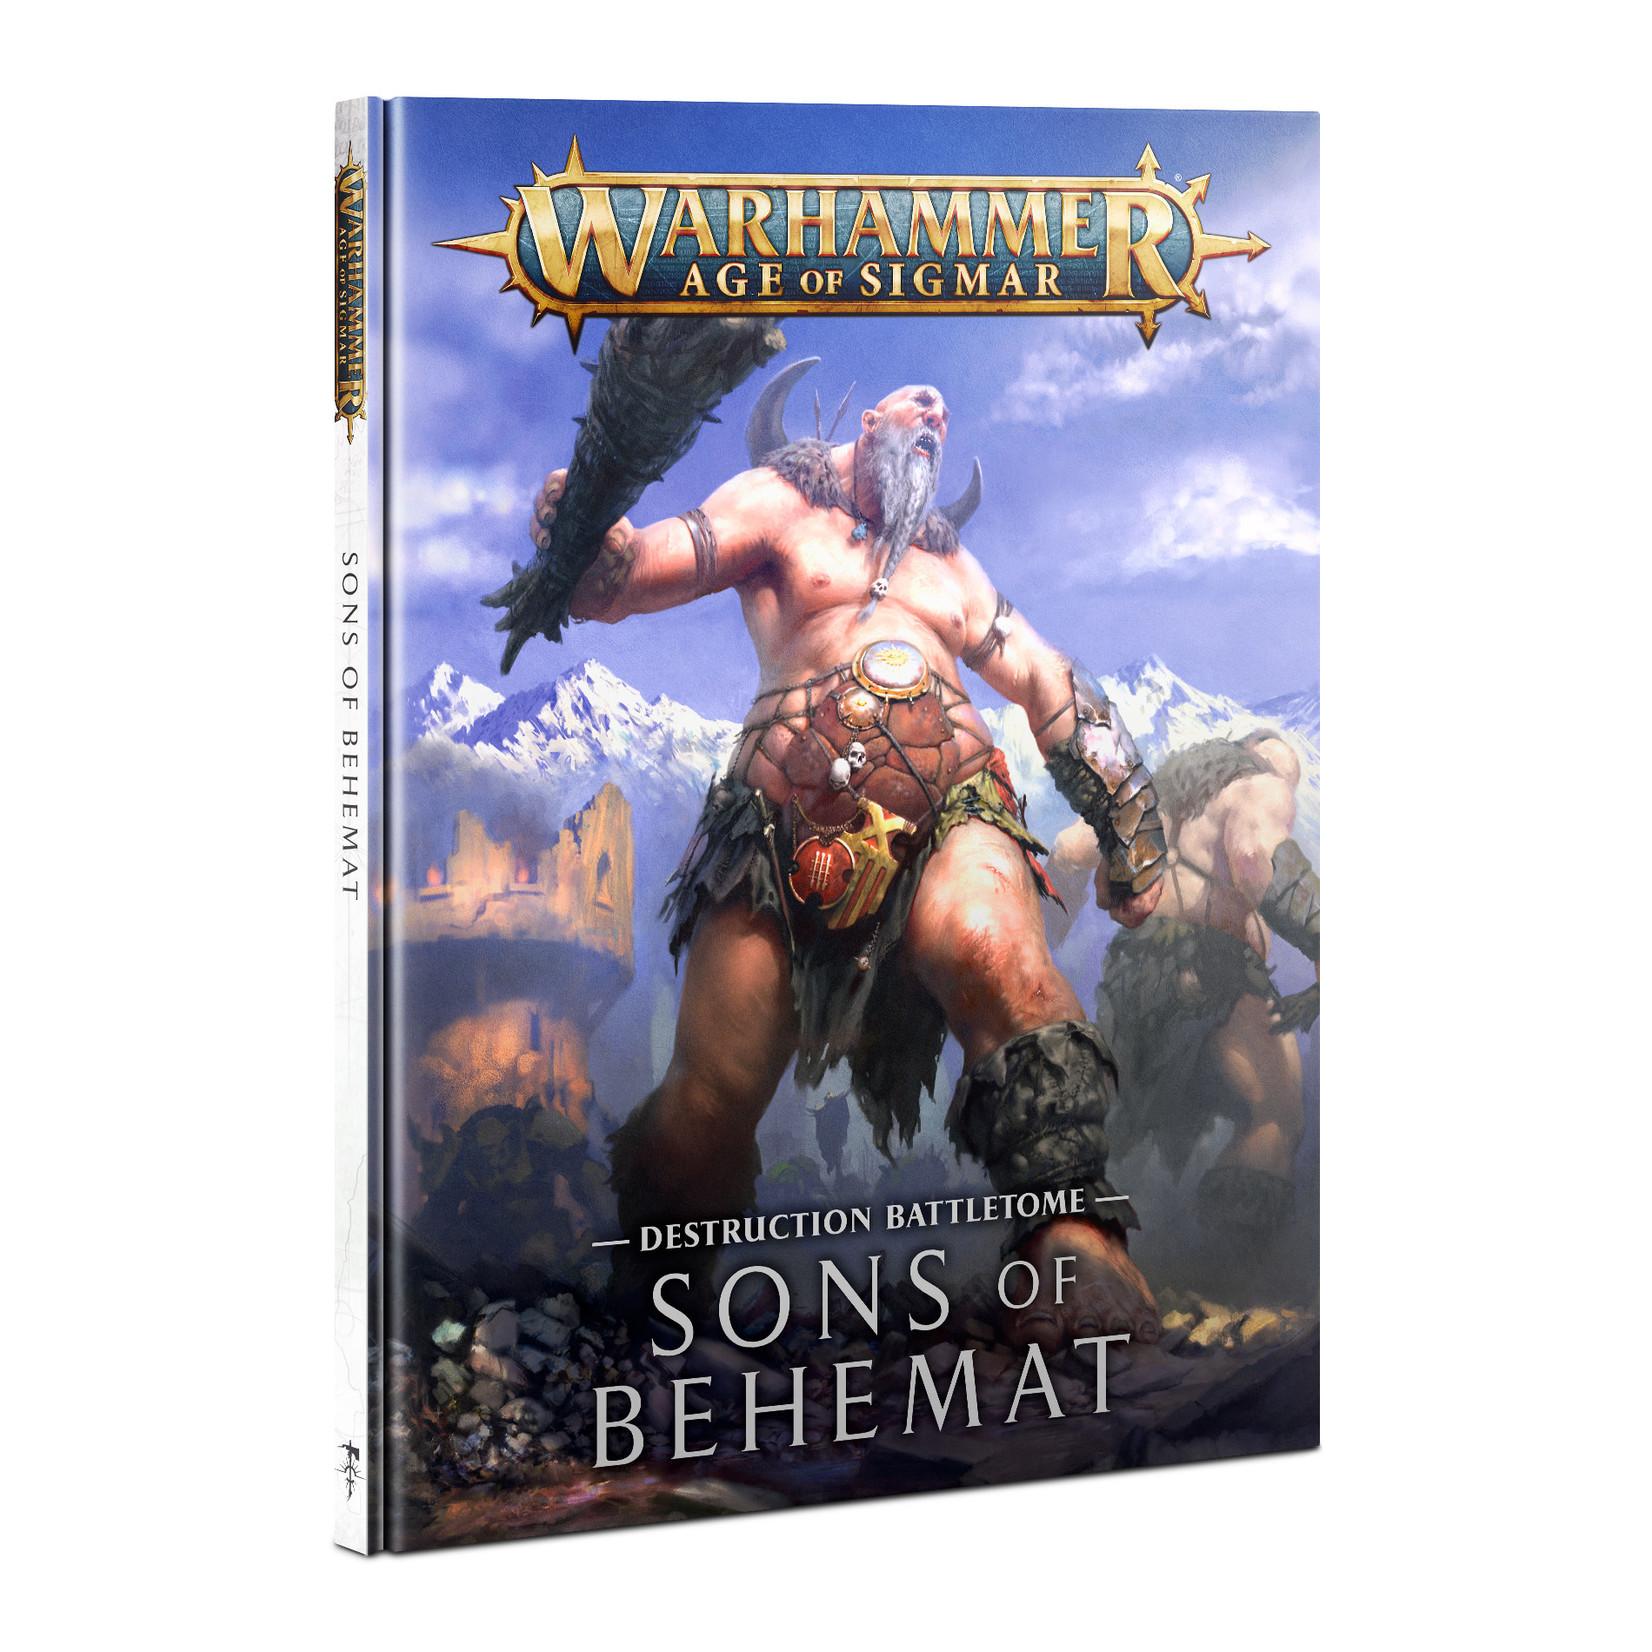 Games Workshop Warhammer Age of Sigmar: Battletome - Sons of Behemat